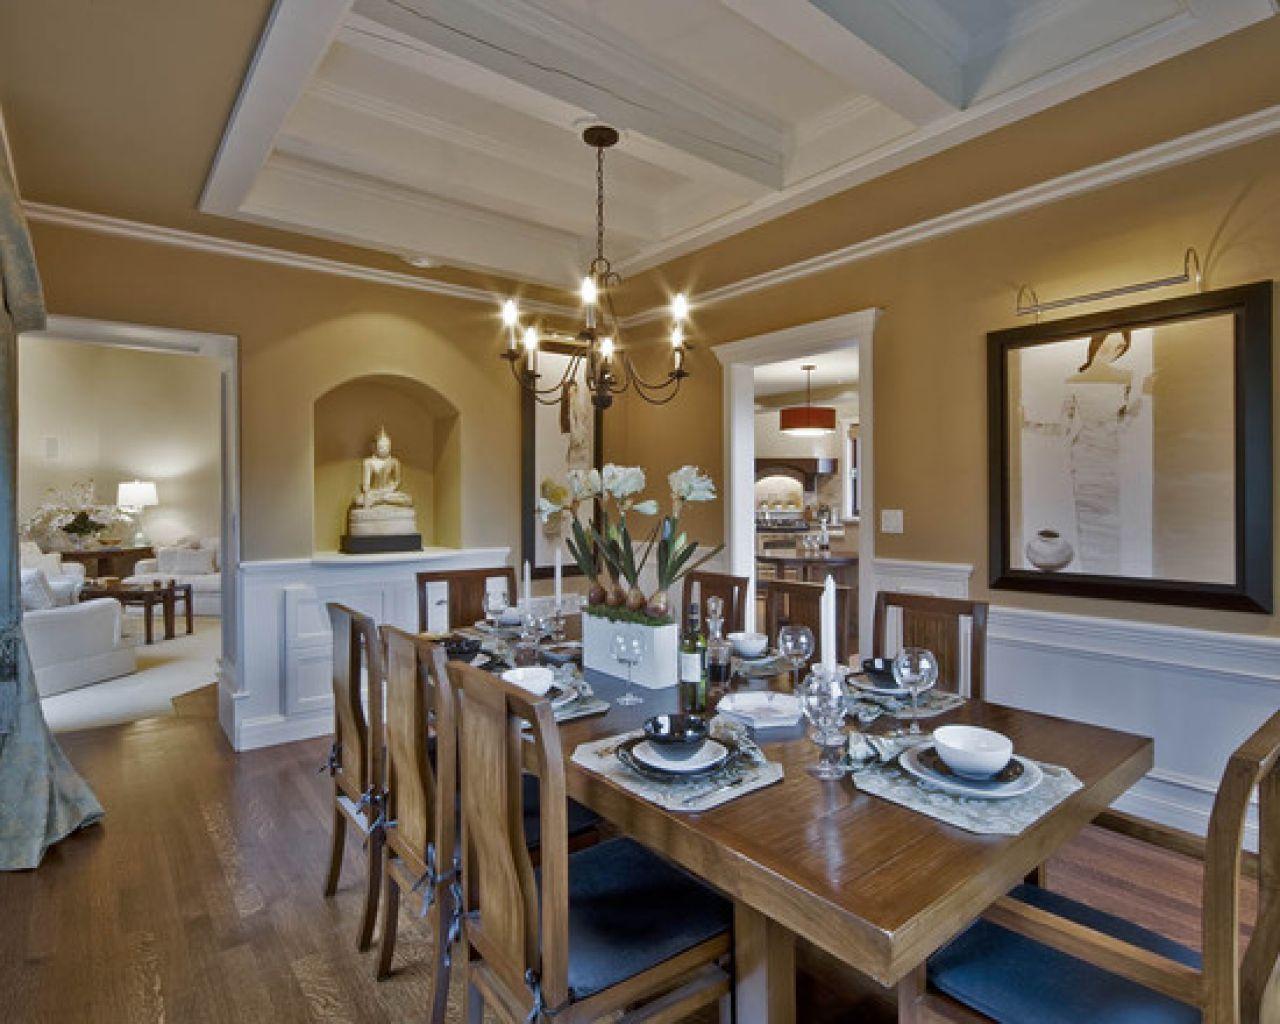 dining room renovation ideas. Dining Room Renovation Ideas - Http://hamlam.xyz/094858/dining-room- Renovation-ideas/1883/